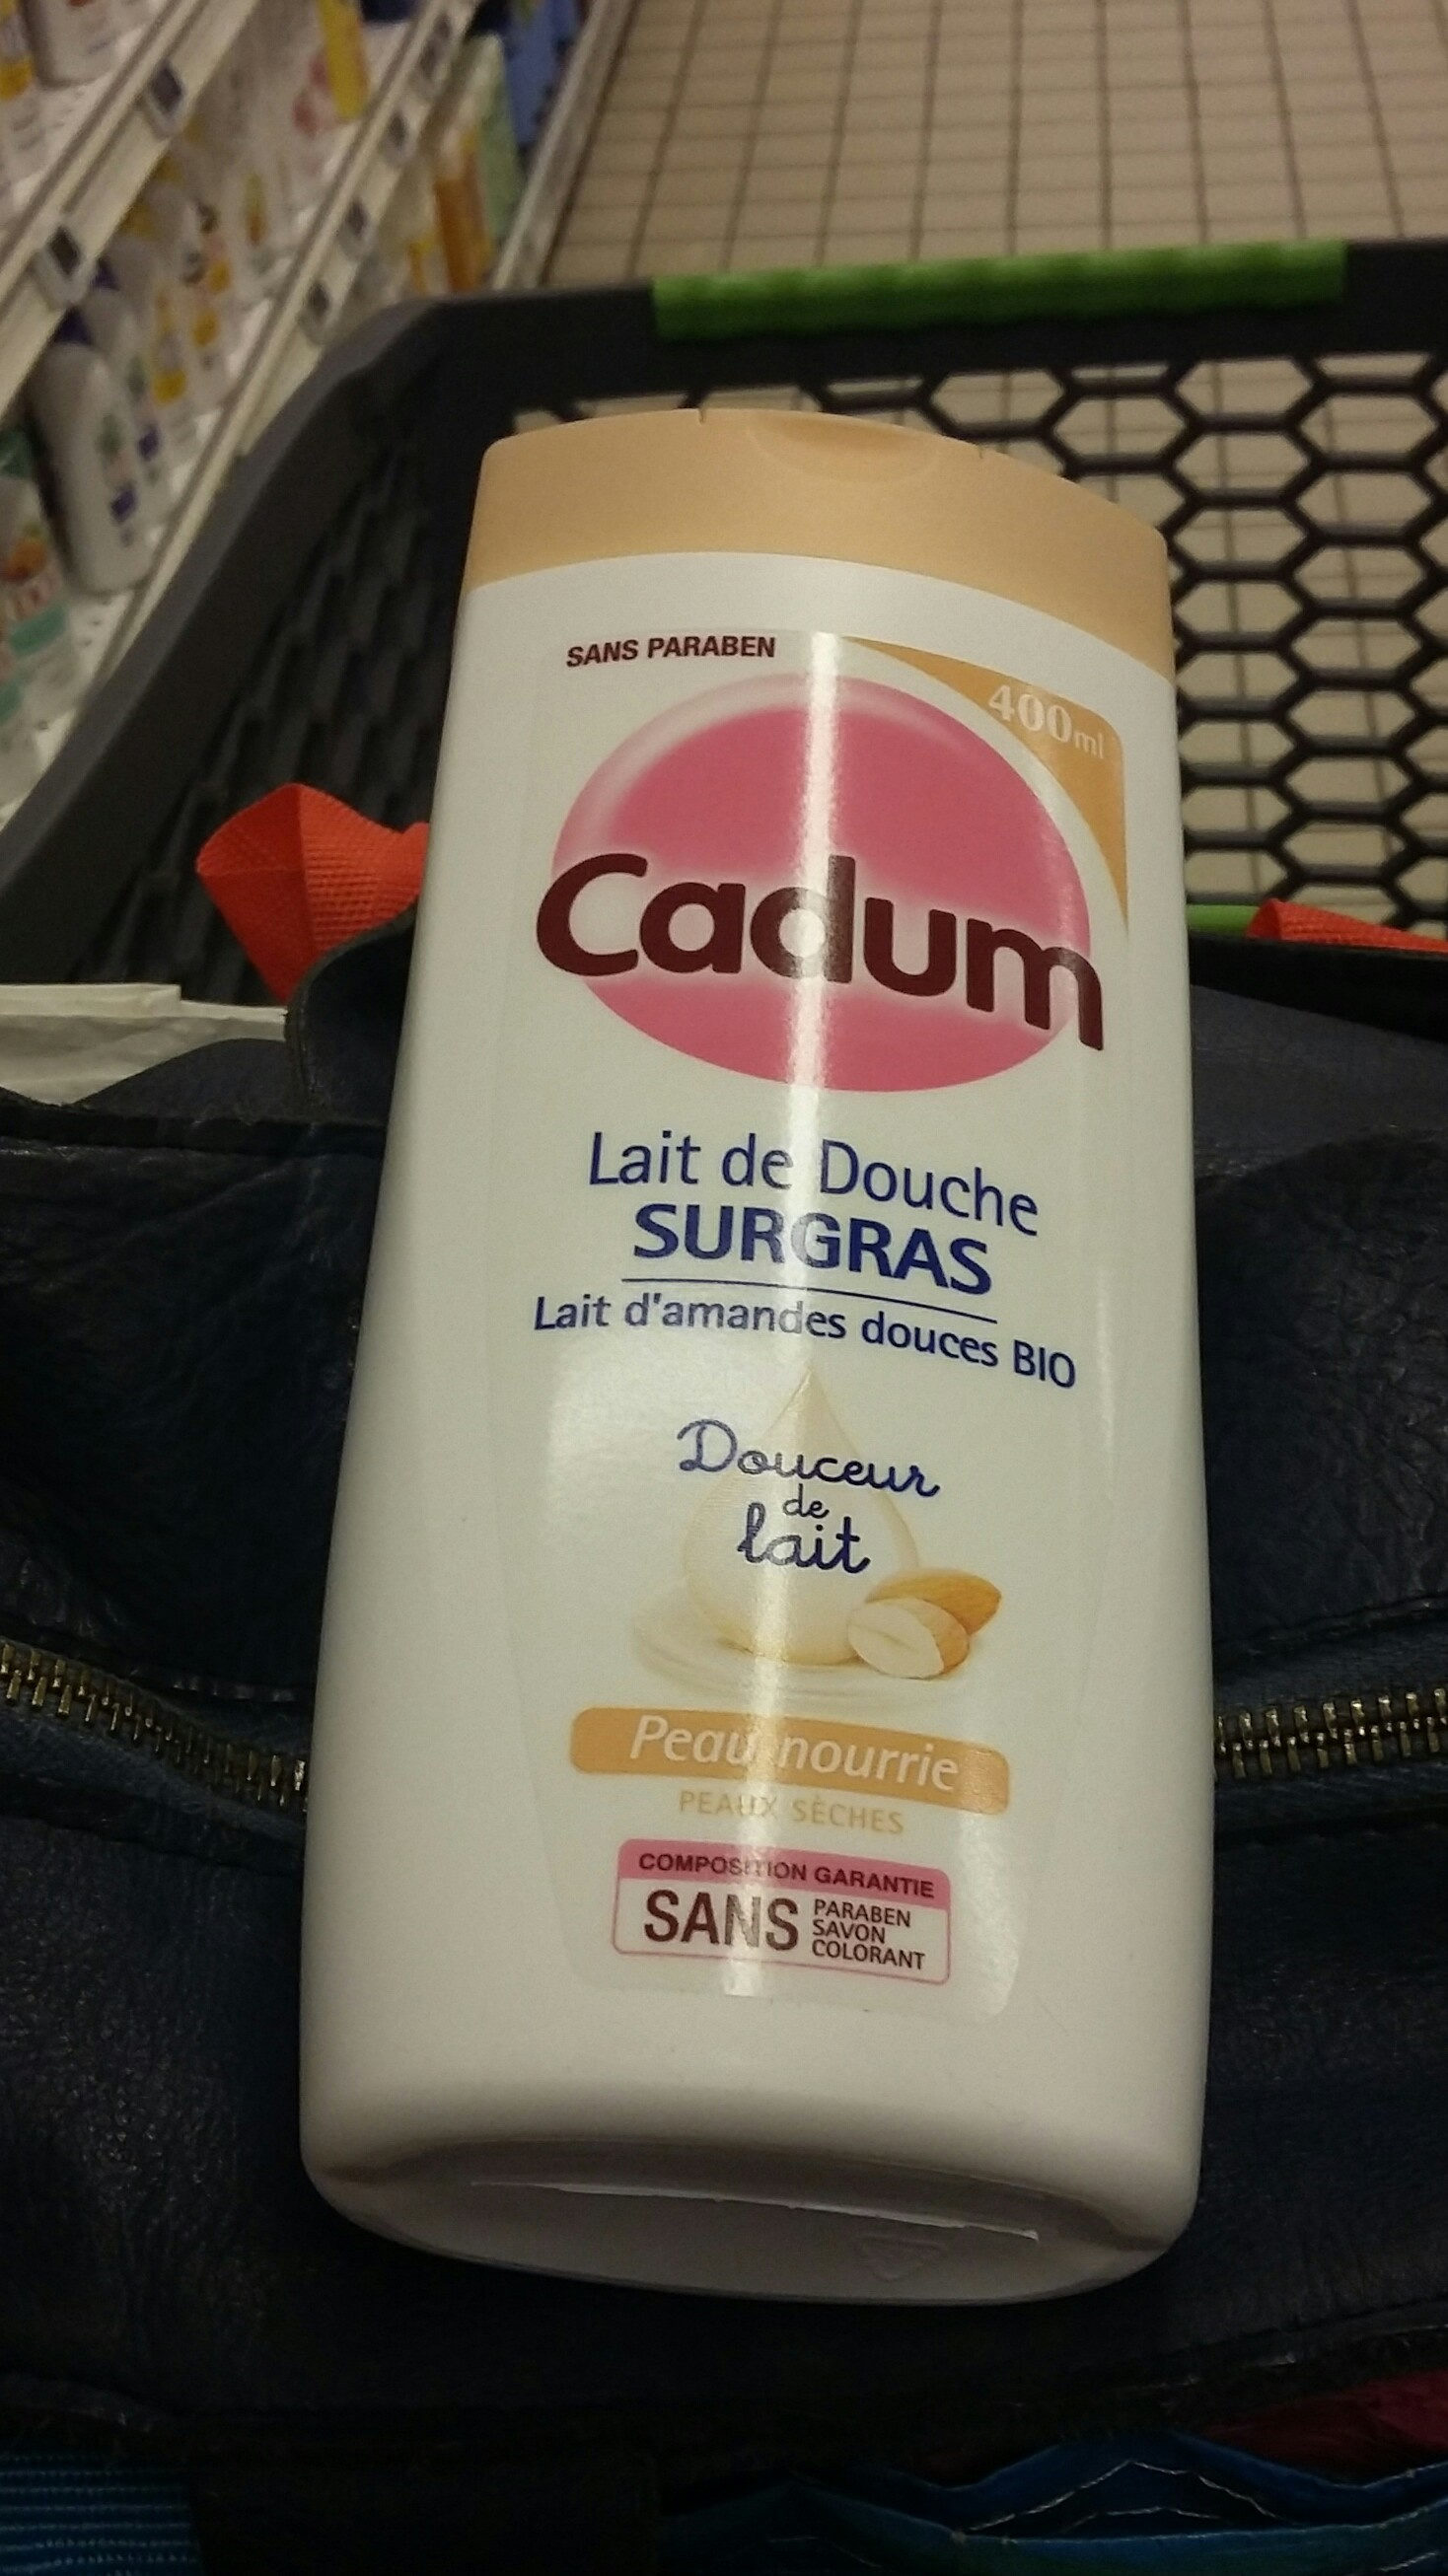 lait de douche srgras - Produit - fr